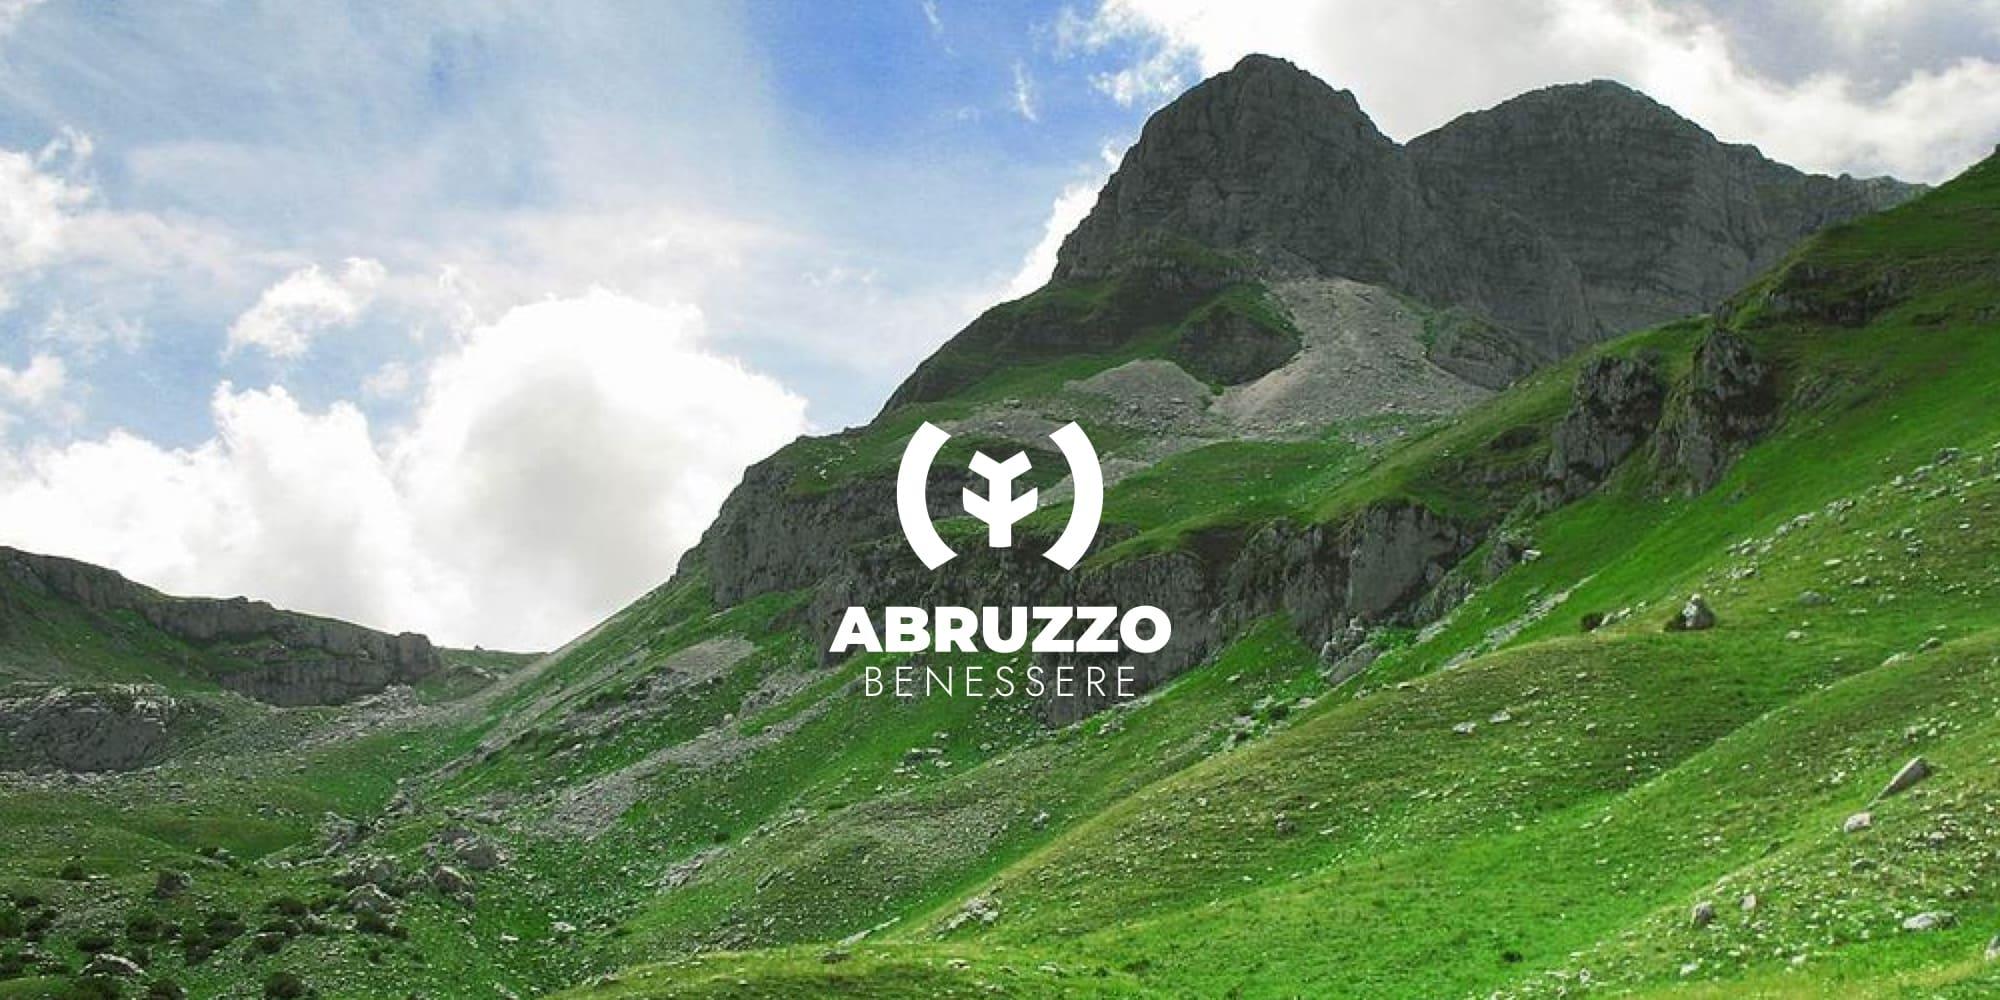 Abruzzo Benessere cover - stilographico